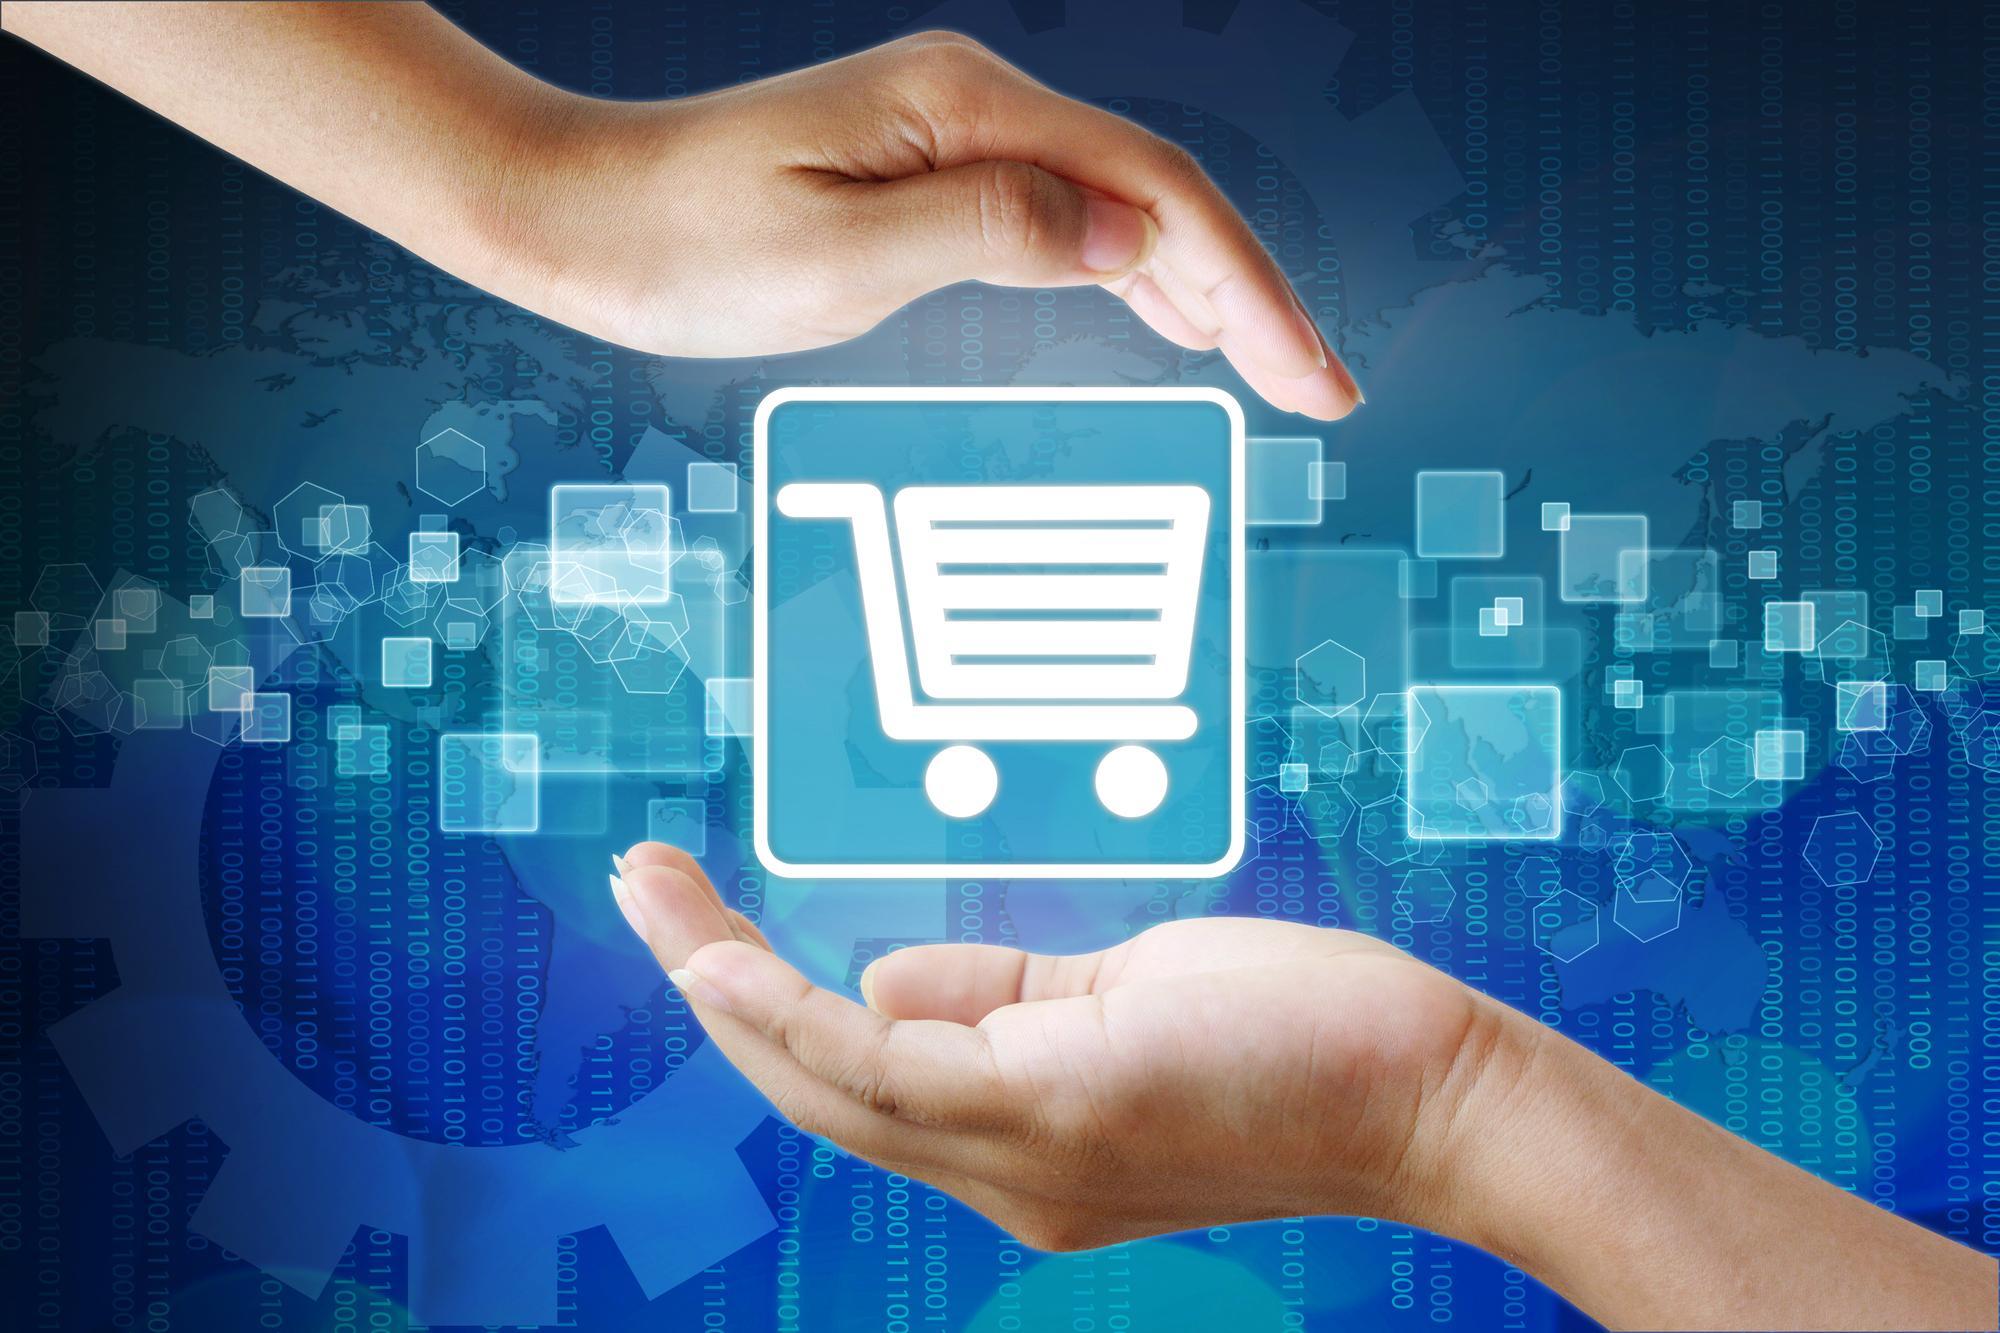 Qué es Connectif y cómo ayuda a aumentar las ventas